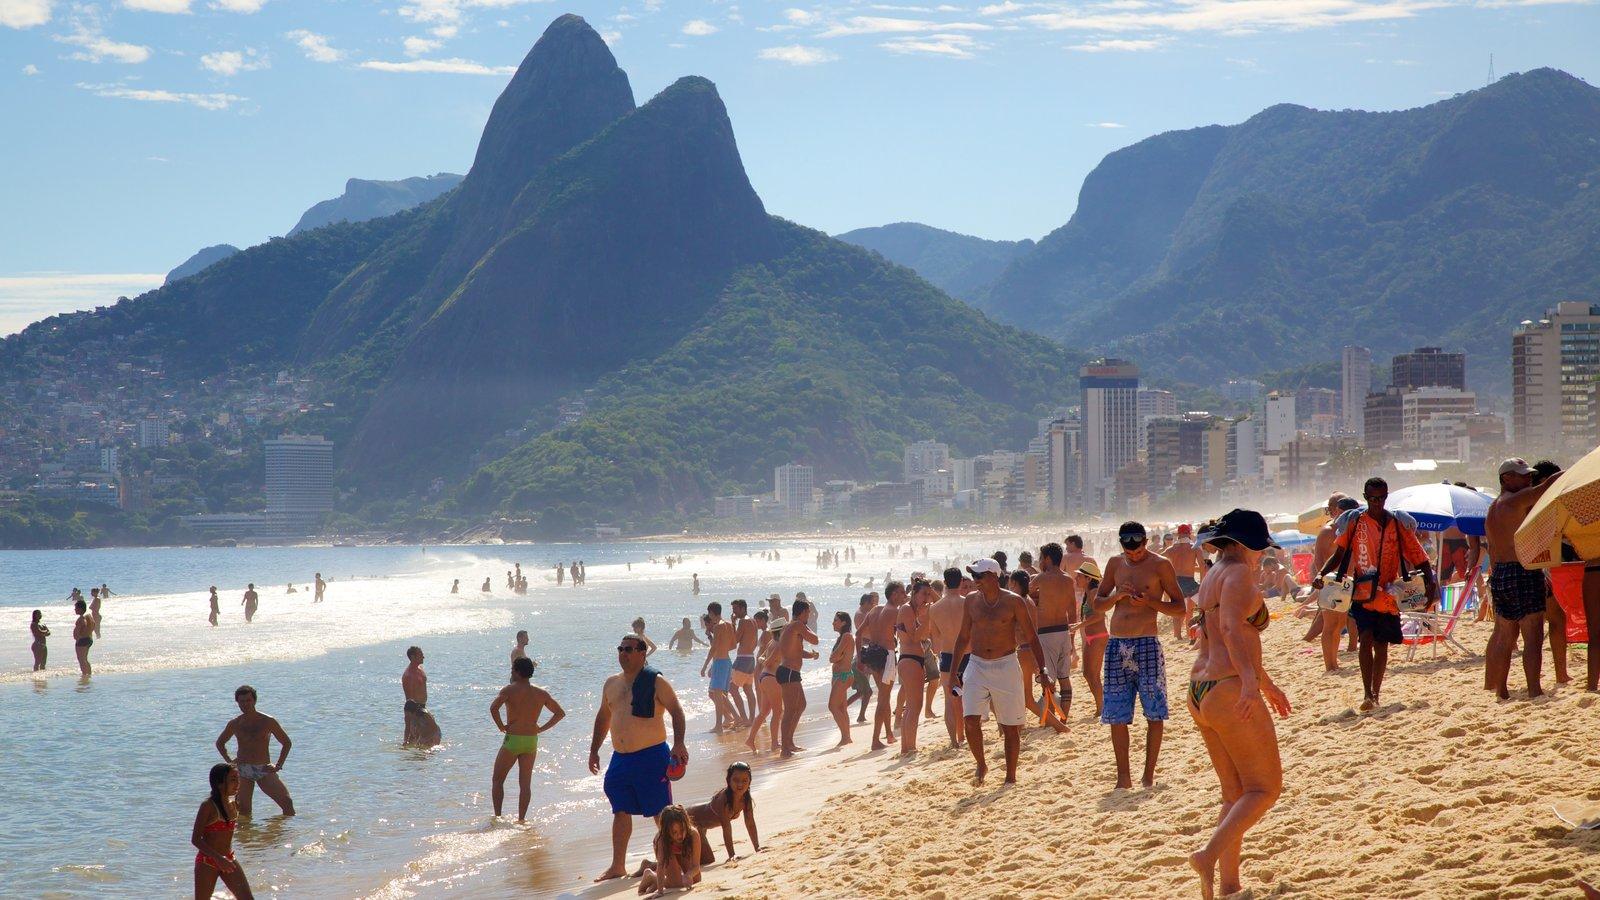 Praia de Ipanema que inclui uma praia de areia e montanhas assim como um grande grupo de pessoas